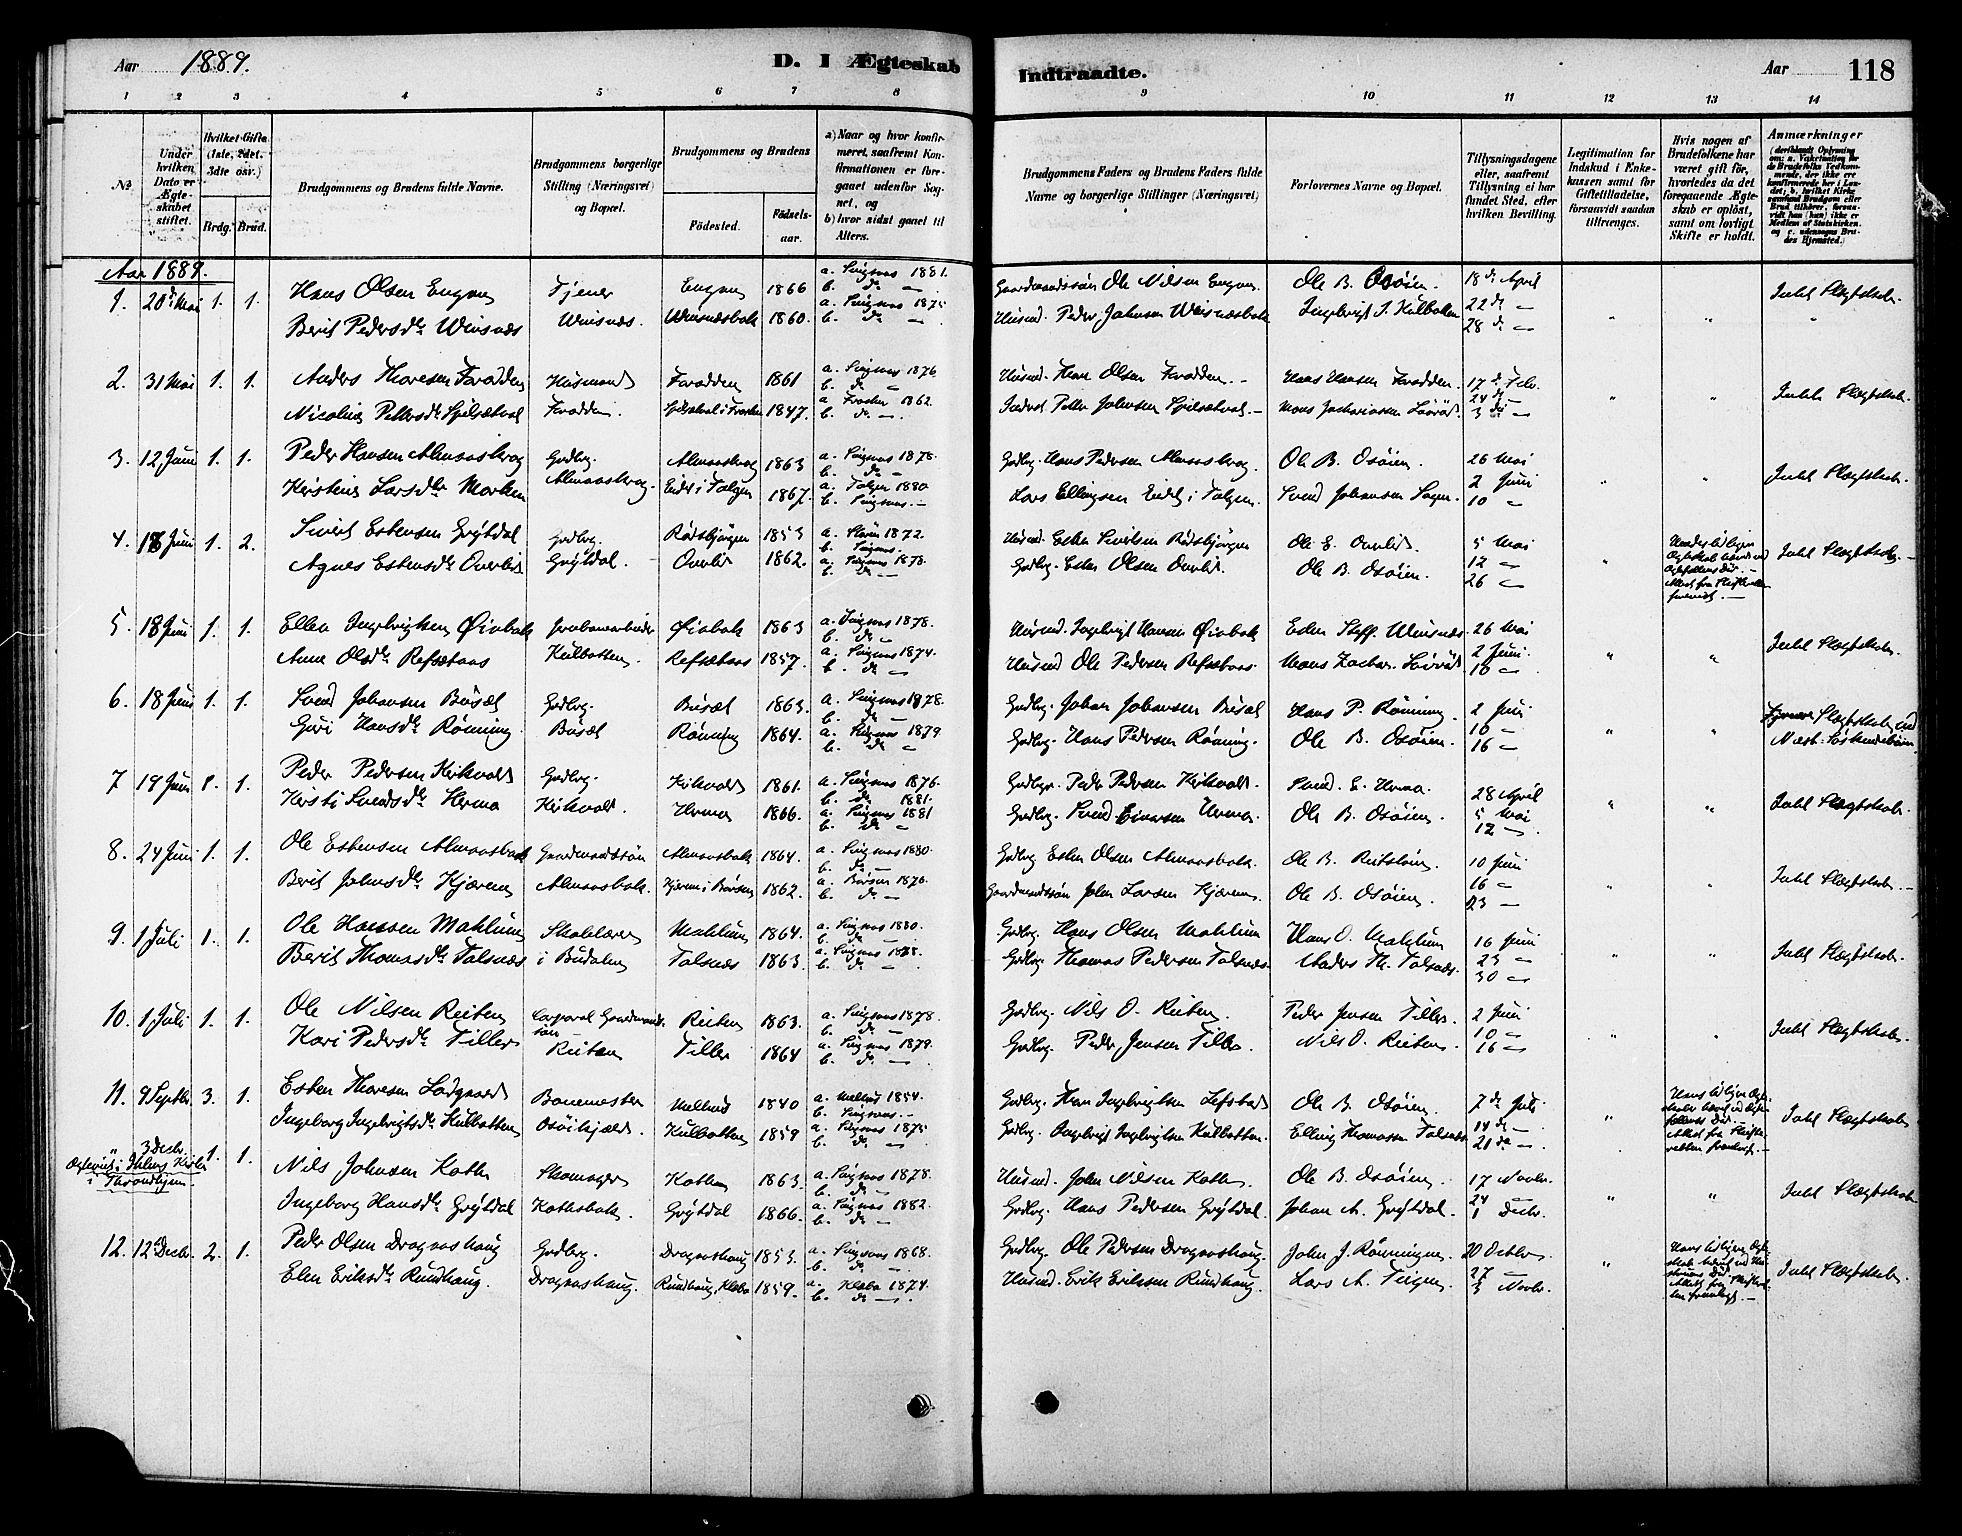 SAT, Ministerialprotokoller, klokkerbøker og fødselsregistre - Sør-Trøndelag, 688/L1024: Ministerialbok nr. 688A01, 1879-1890, s. 118